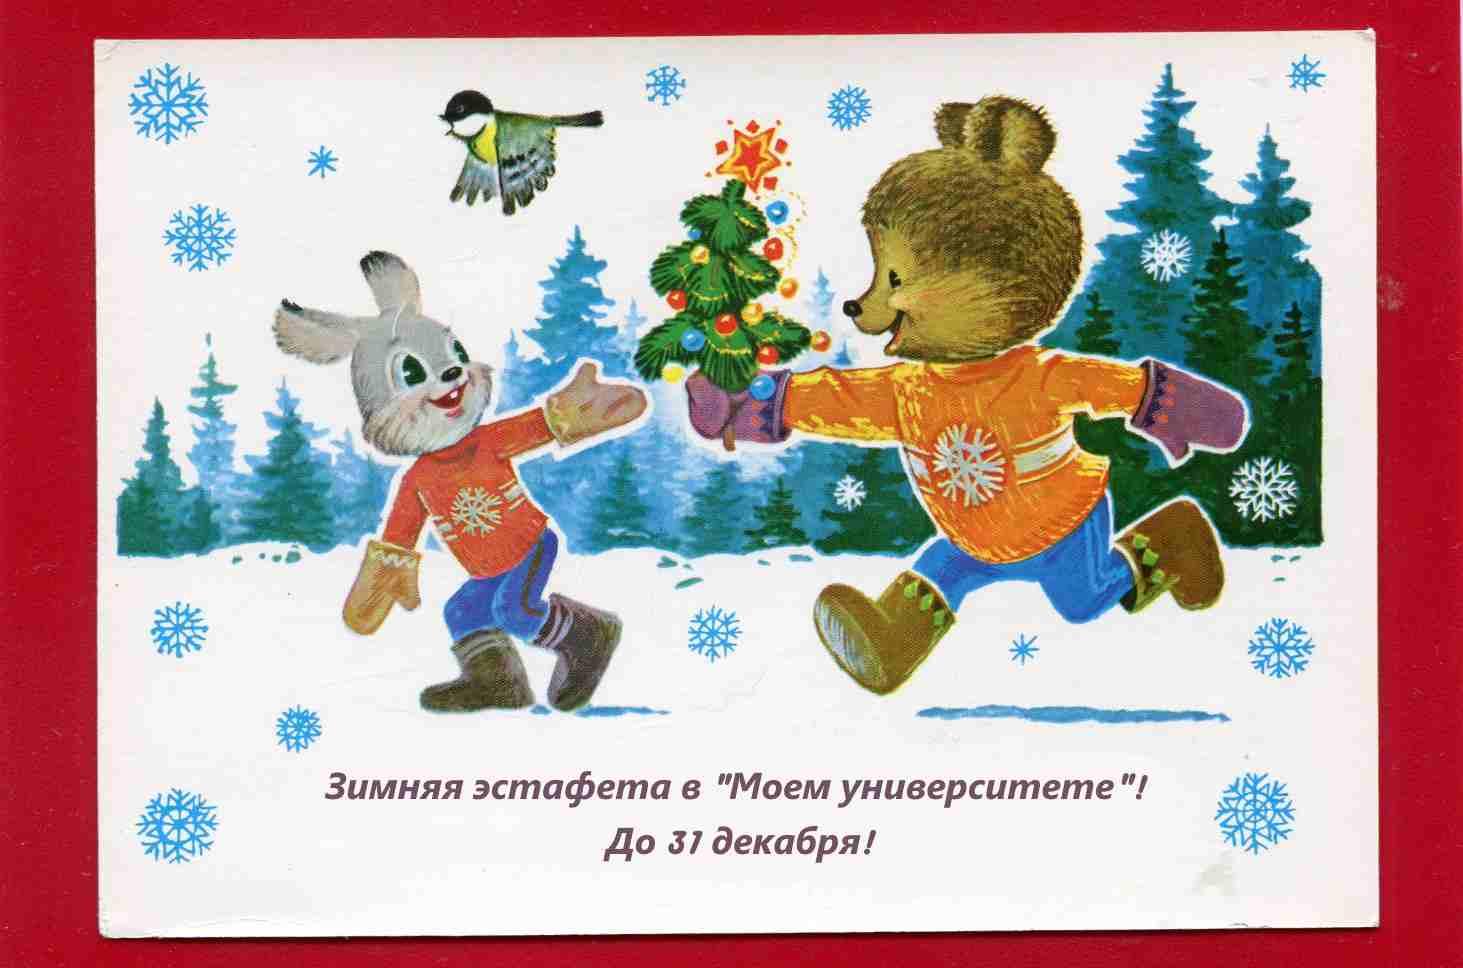 nizkie-tseny-na-povyshenie-kvalifikatsii-pedagogov-prodlyatsya-eshhe-5-dnej